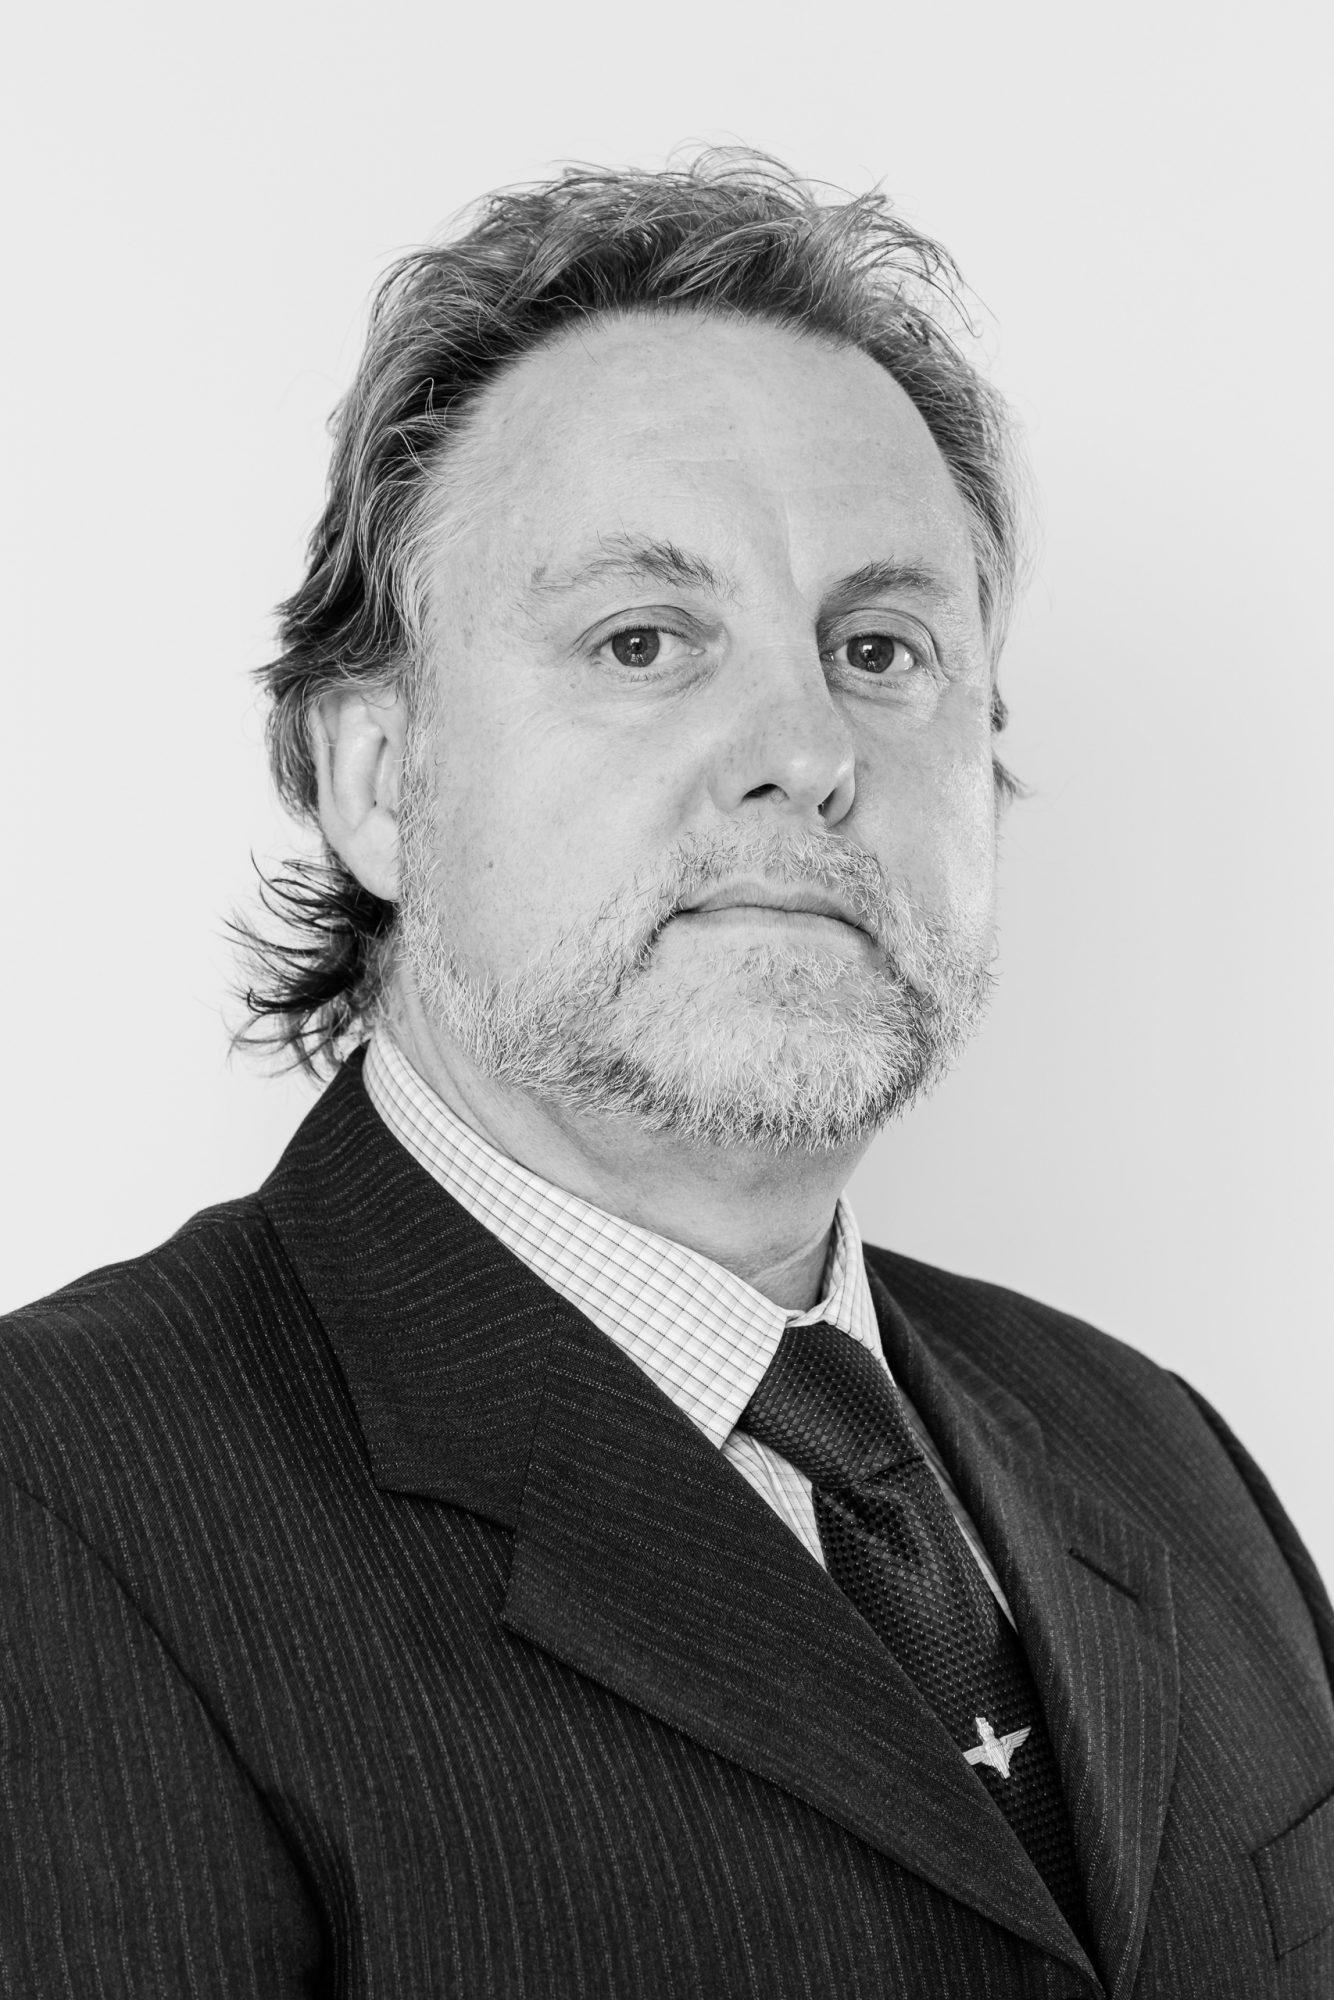 Mark Lennard